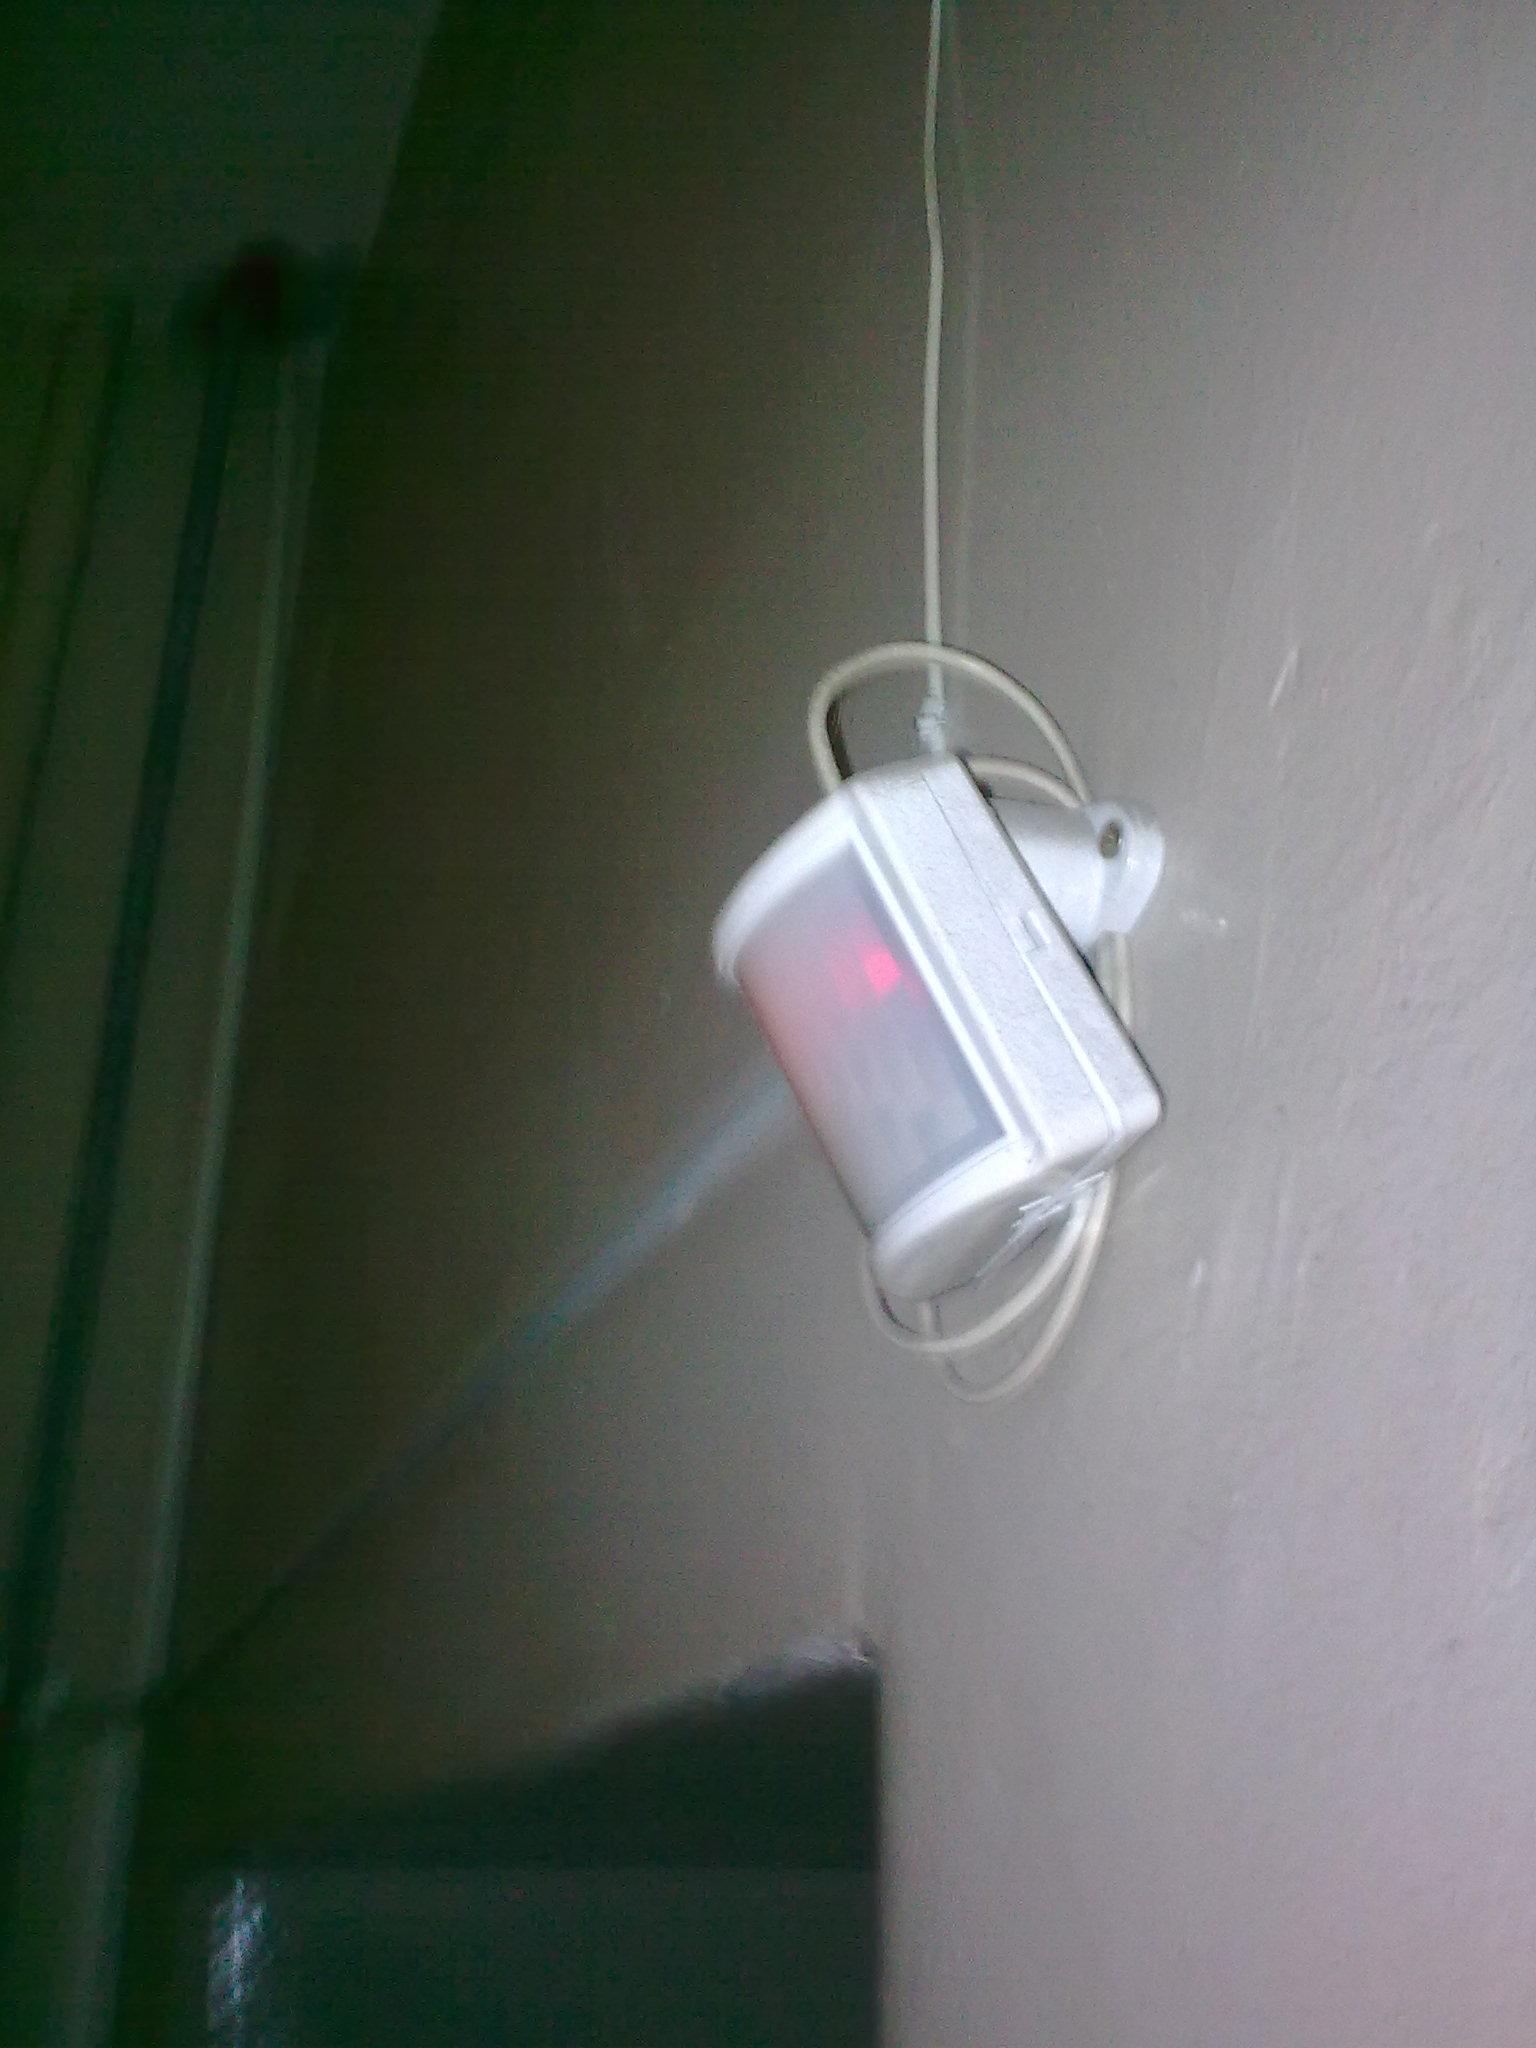 Подсветка с датчиком движения: варианты для ступеней лестницы и ночной подсветки пола в коридоре, выбор светодиодной ленты на батарейках с датчиком движения